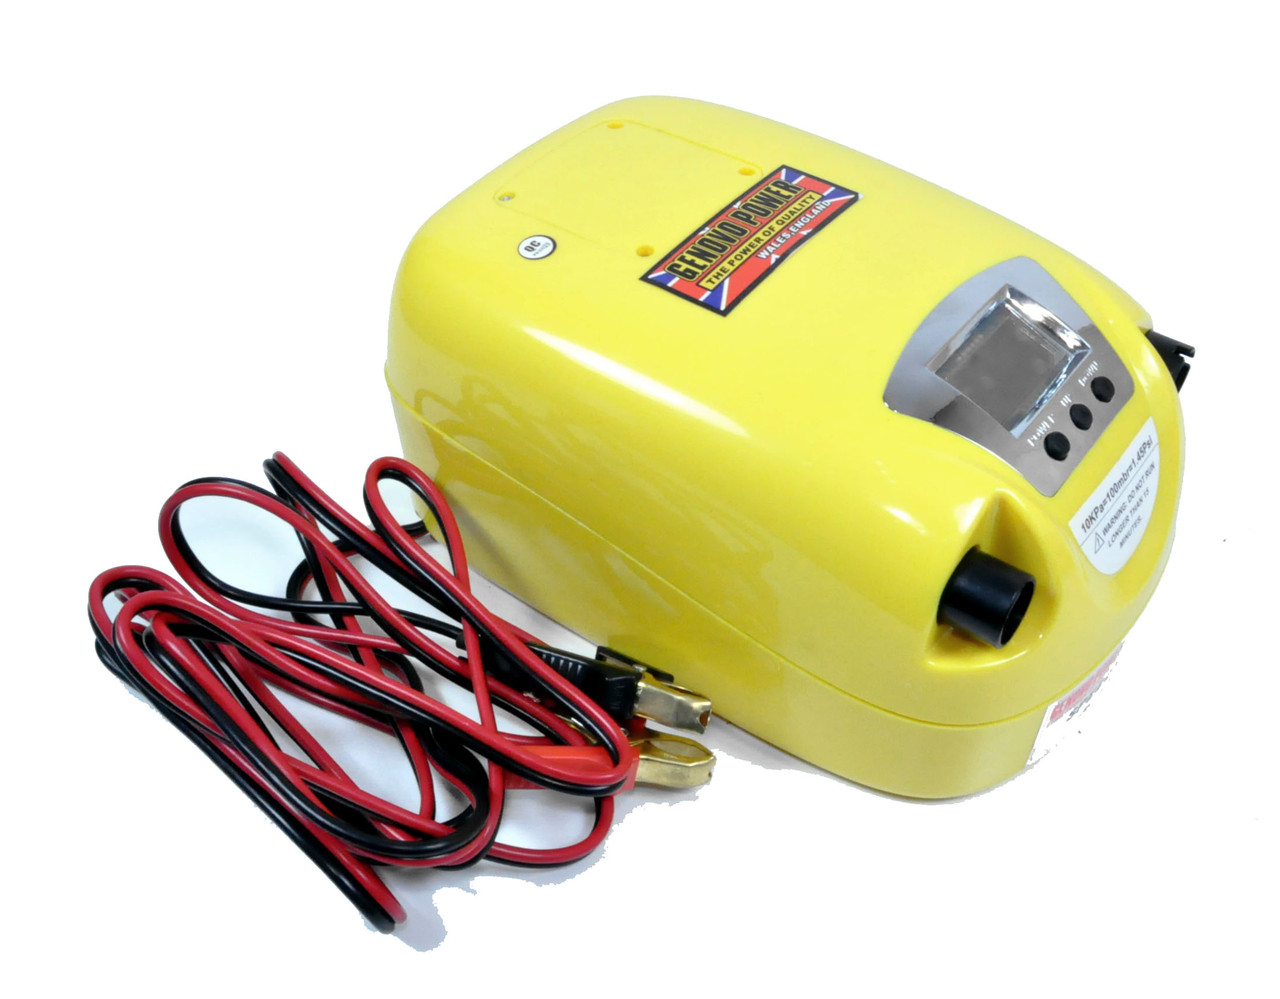 Насос электрический для надувной ПВХ лодки автоматический Parsun Genovo